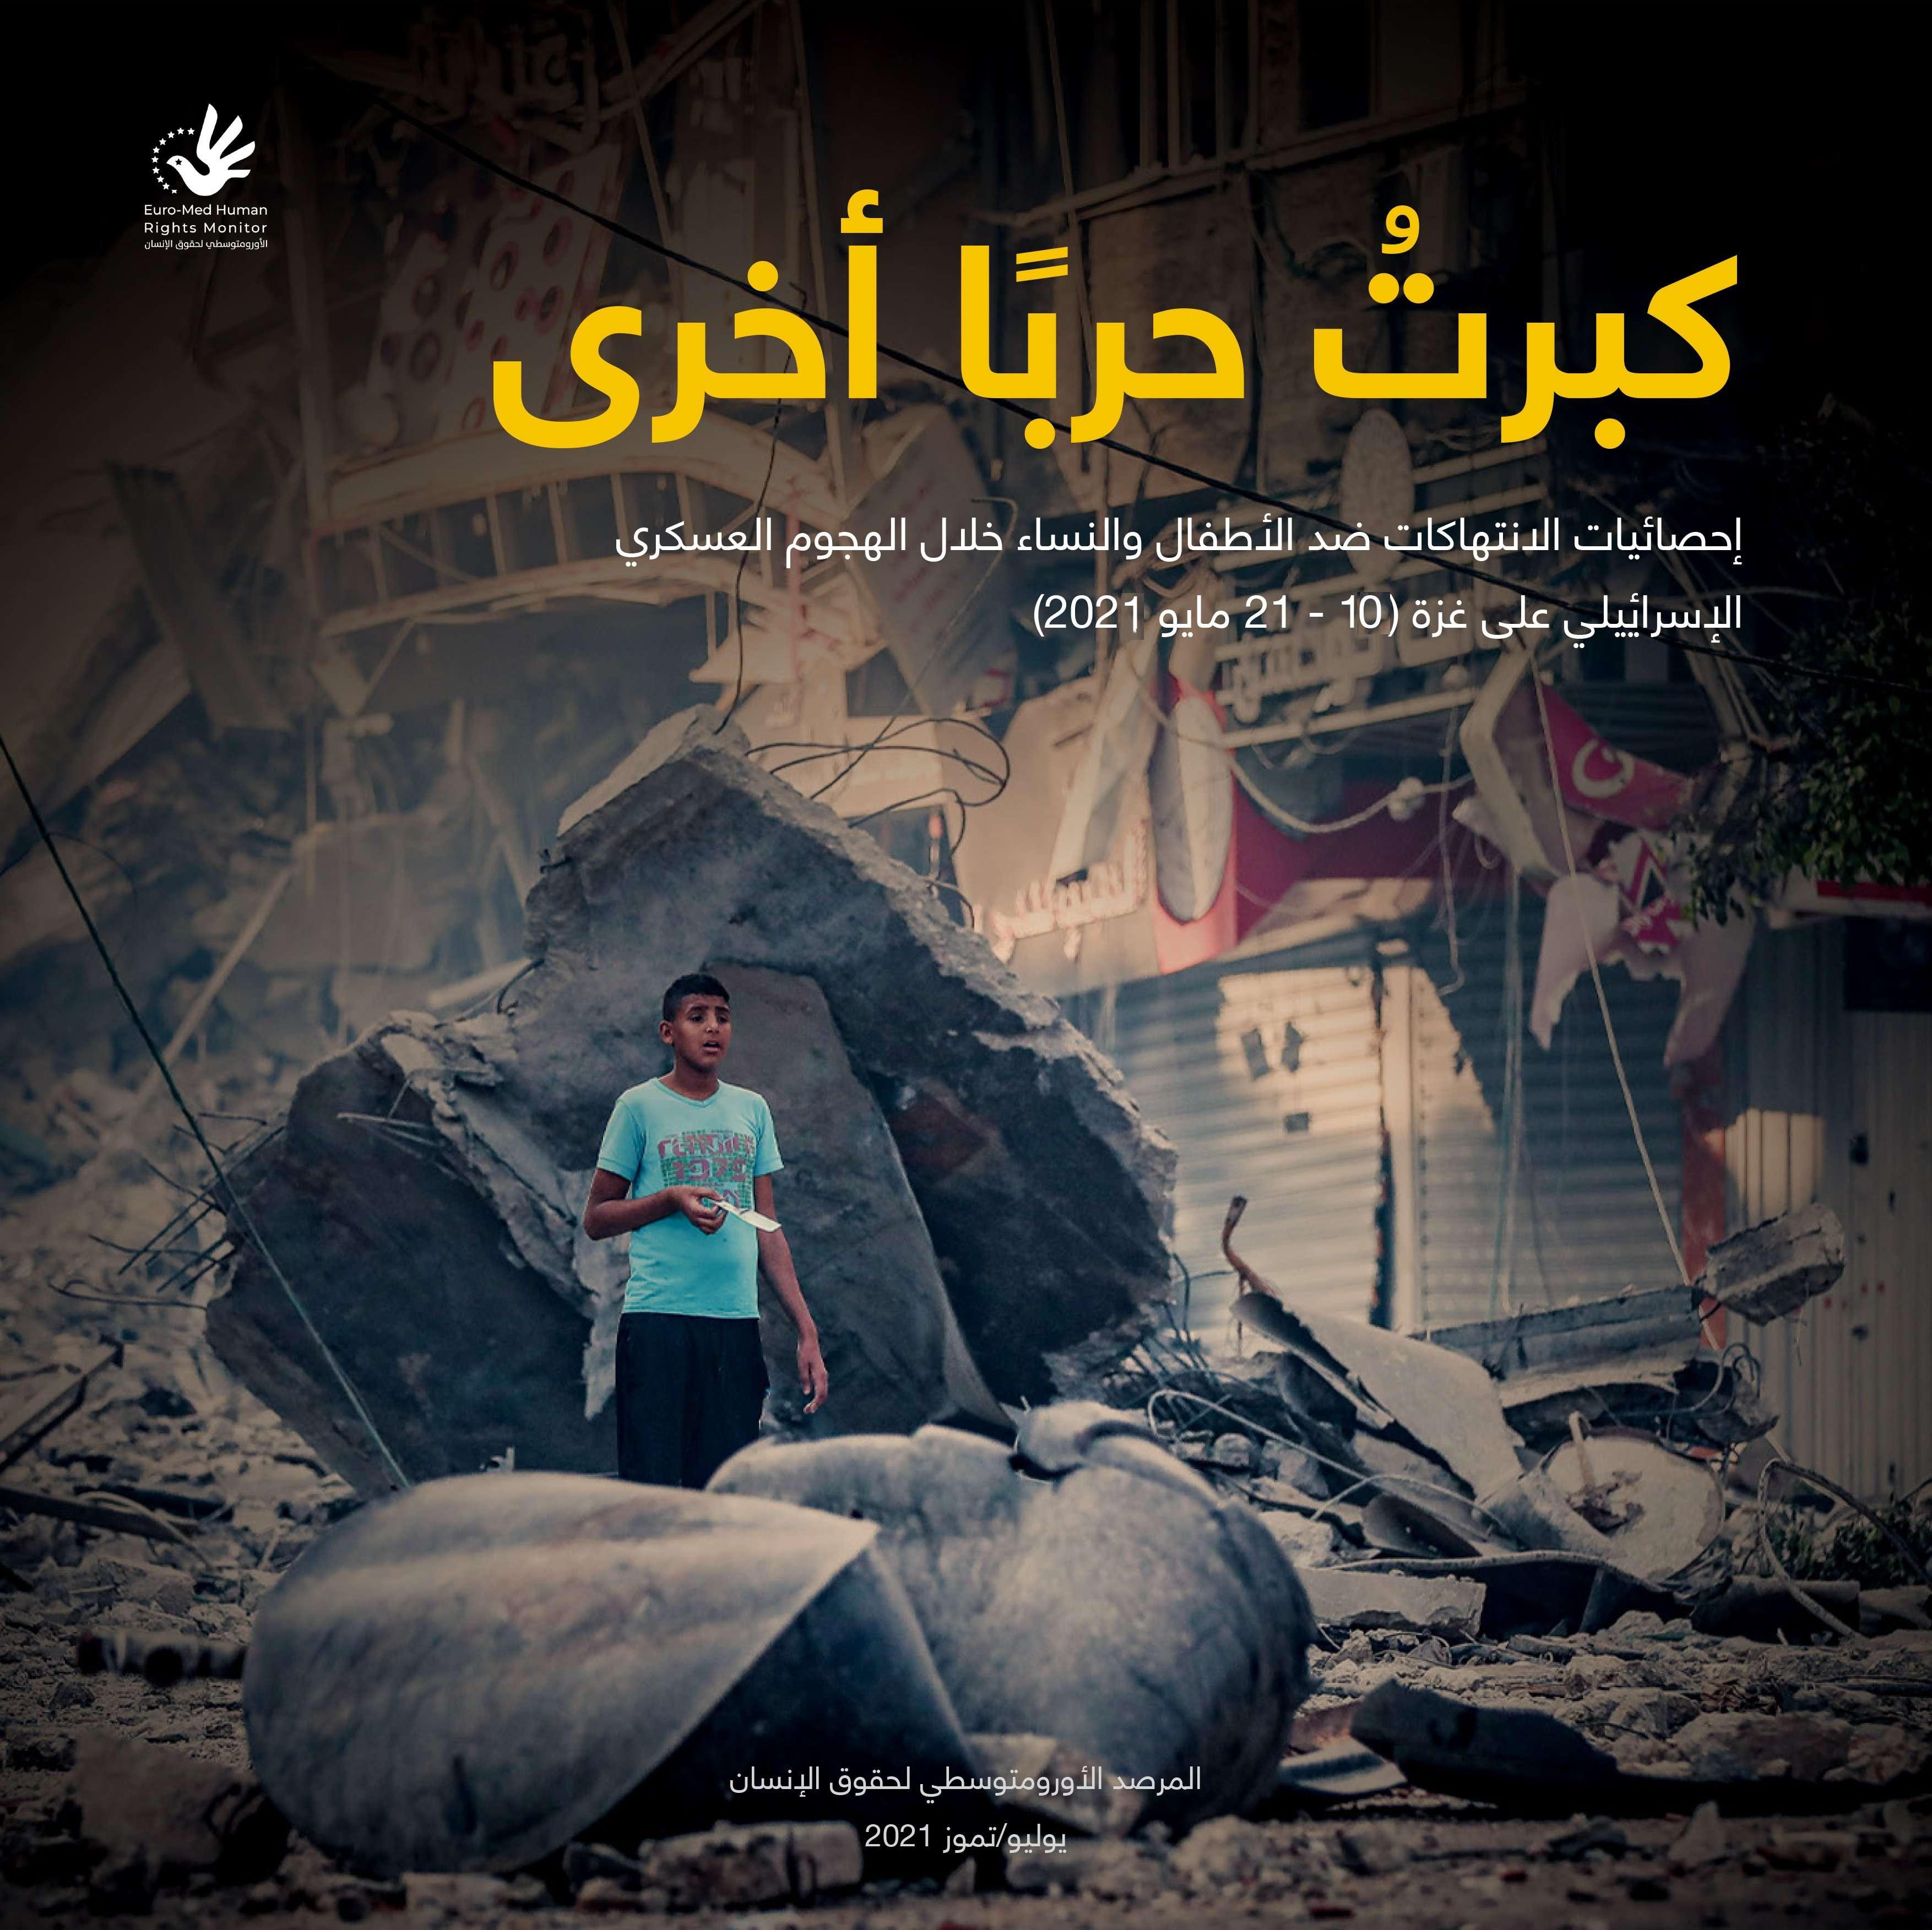 تقرير جديد: 91% من أطفال غزة يعانون صدمات نفسية بعد الهجوم الإسرائيلي